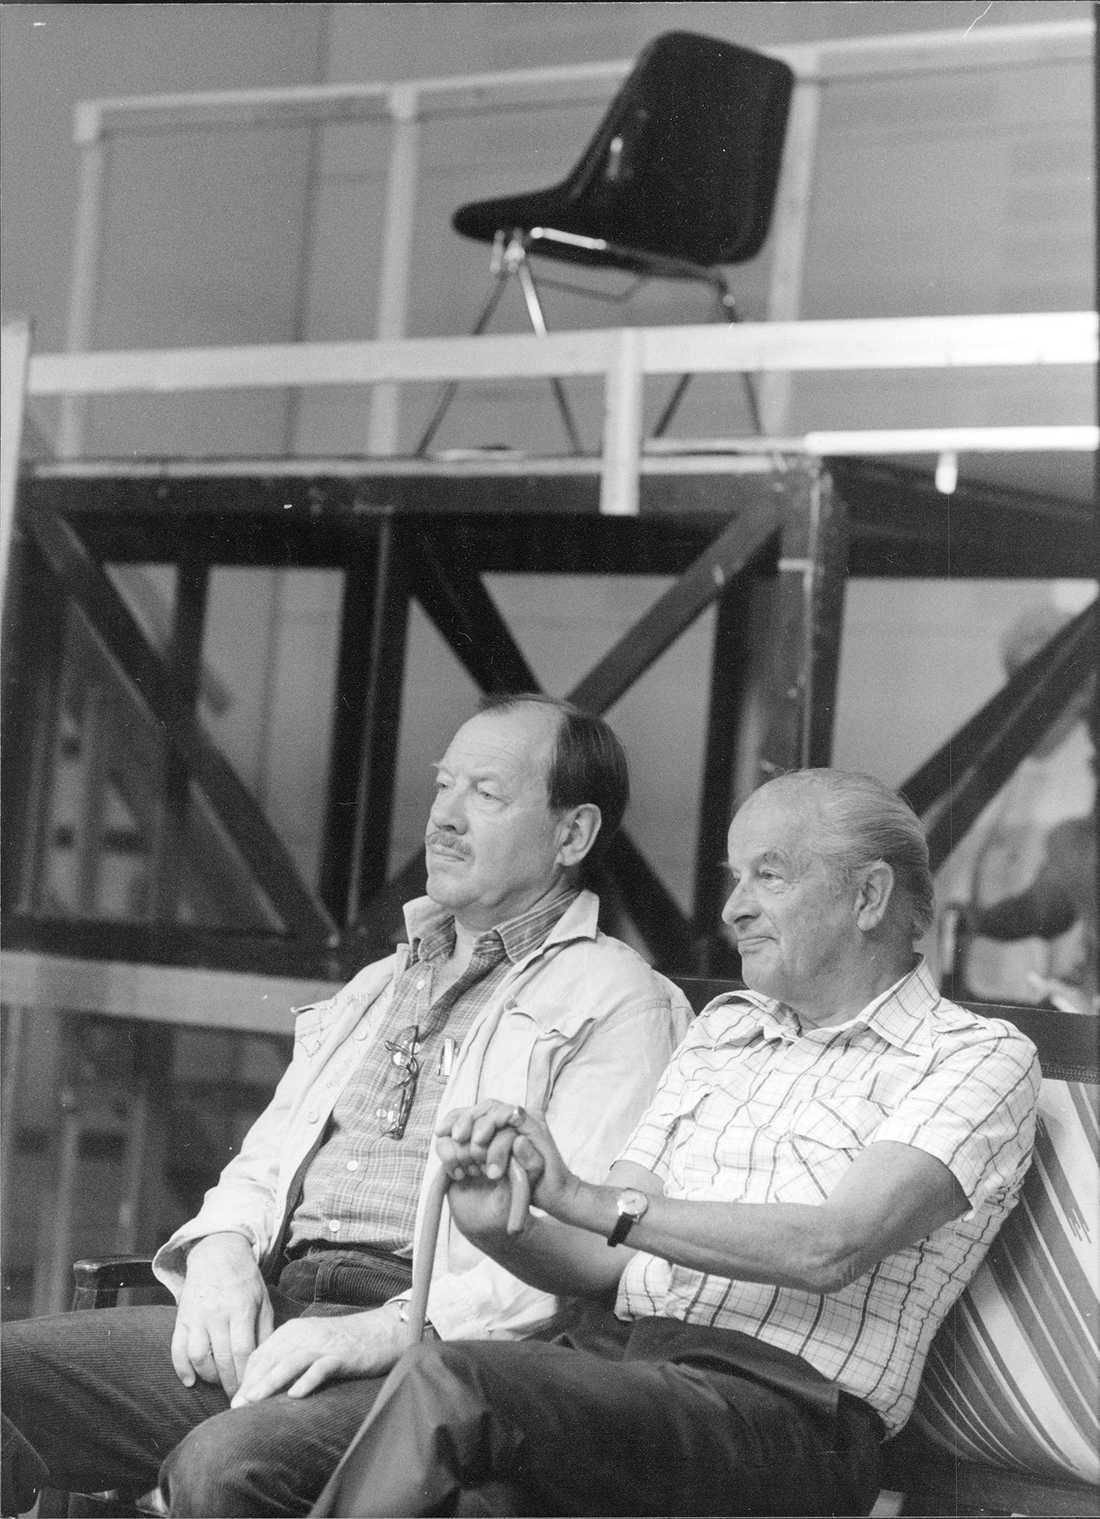 1988 Skådespelarna Axel Düberg och Ingvar Kjellson.